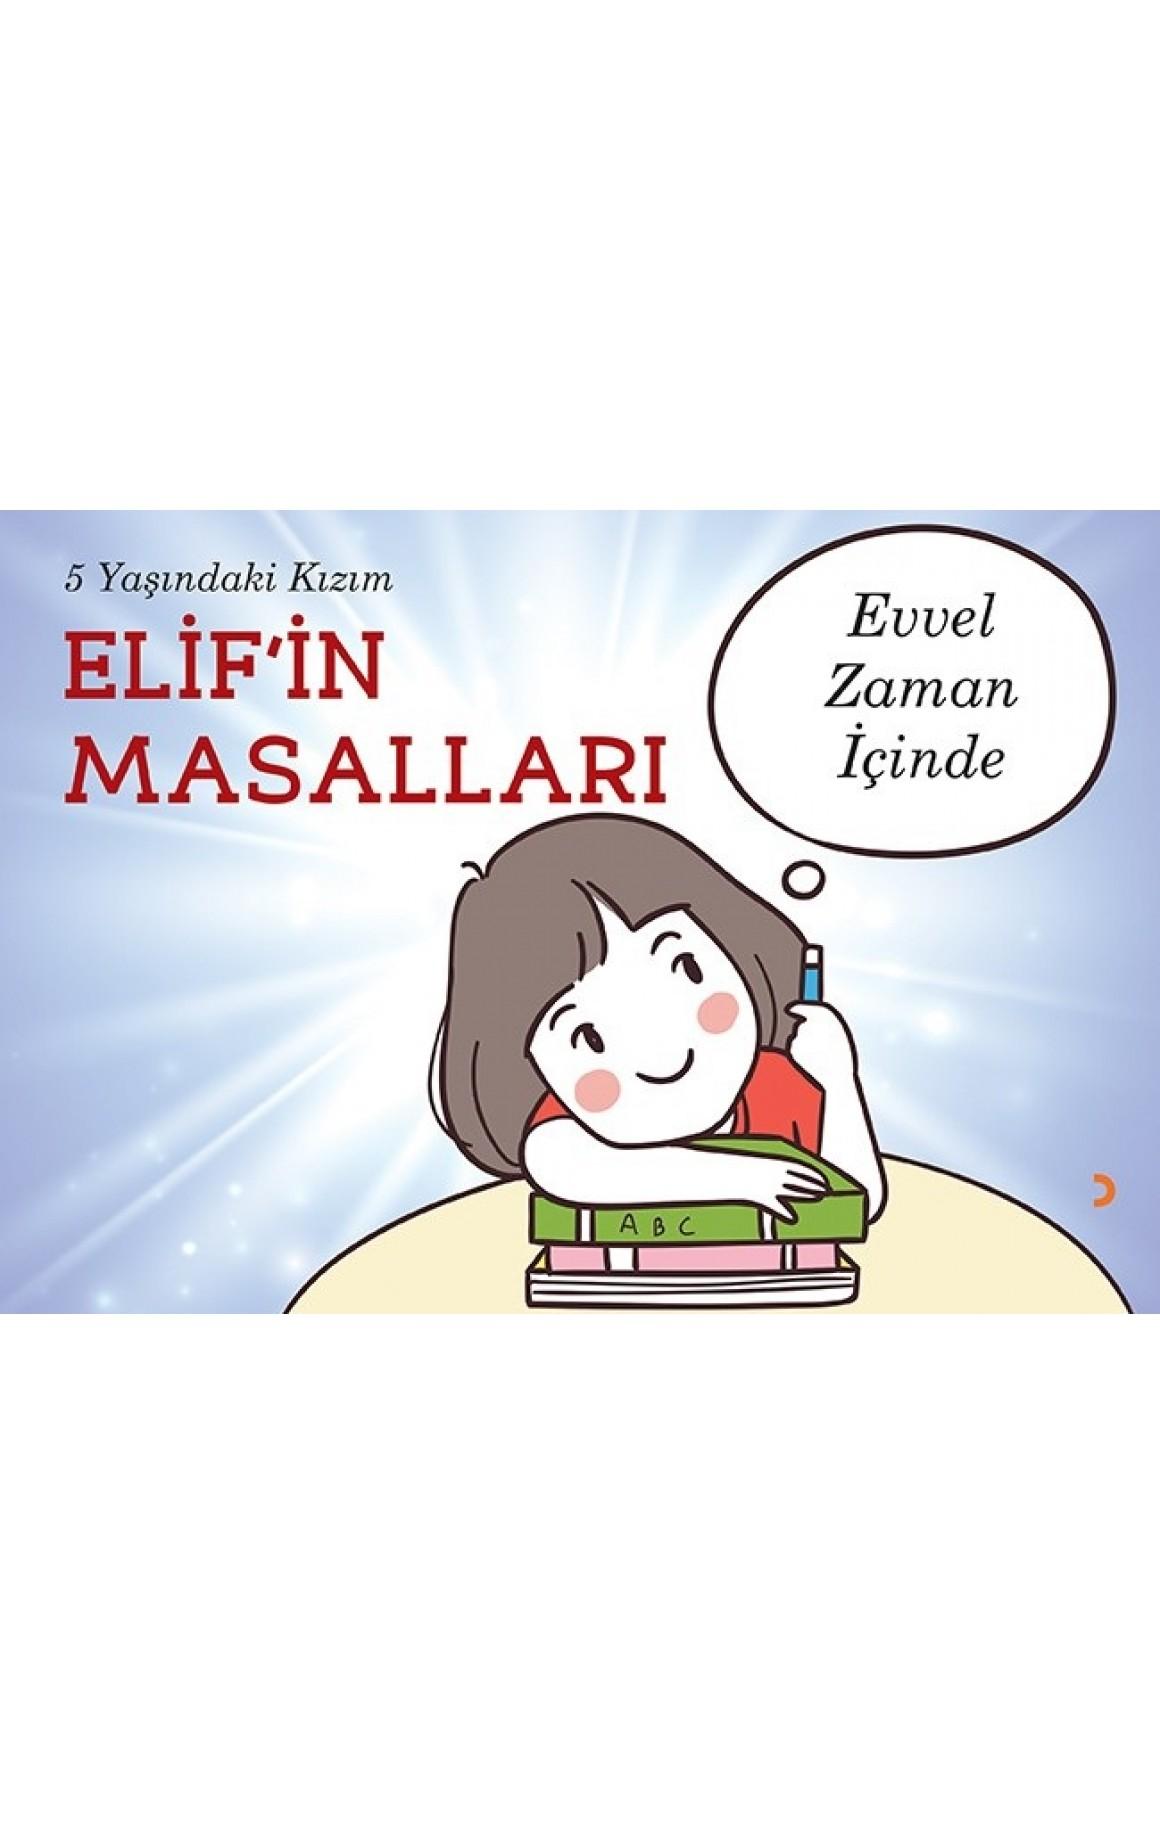 5 Yaşındaki Kızım Elifin Masalları-Evvel Zaman İçinde